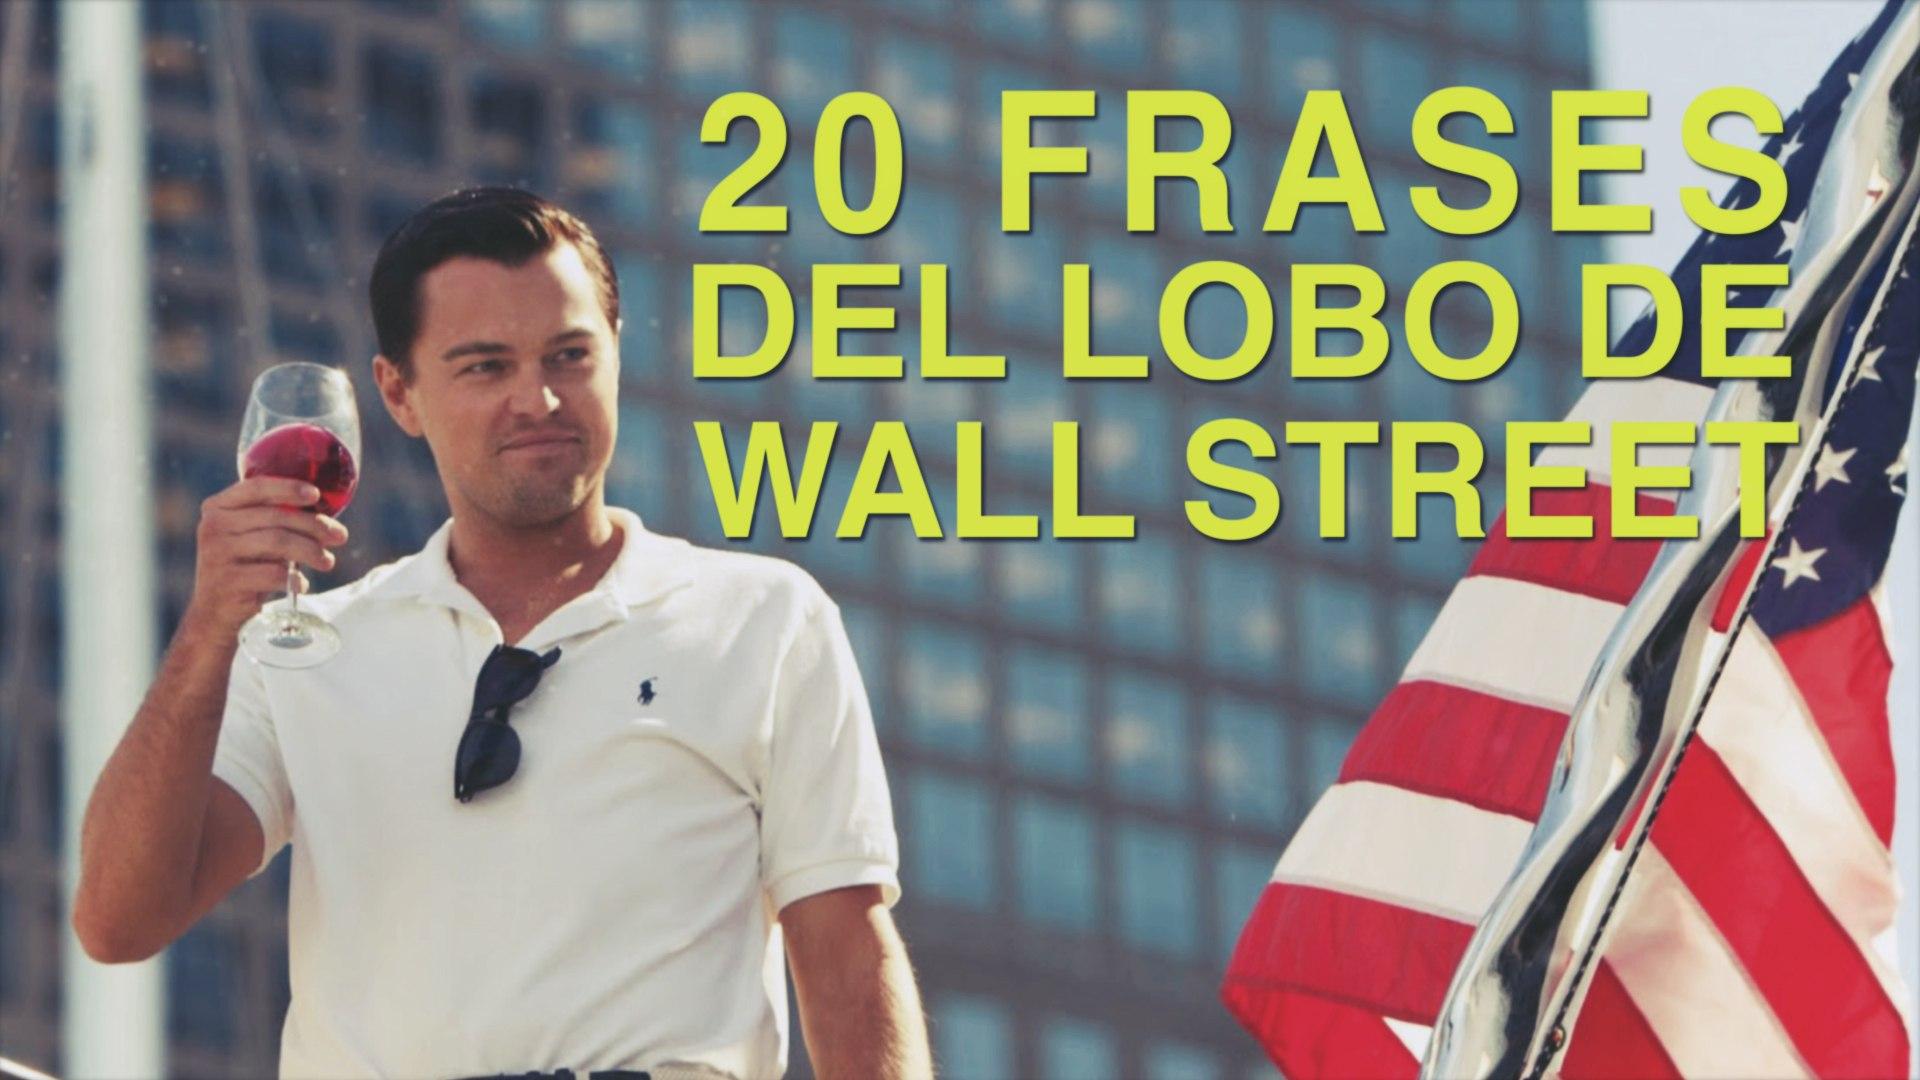 20 Frases Del Lobo De Wall Street El Desenfreno De La Corrupcion